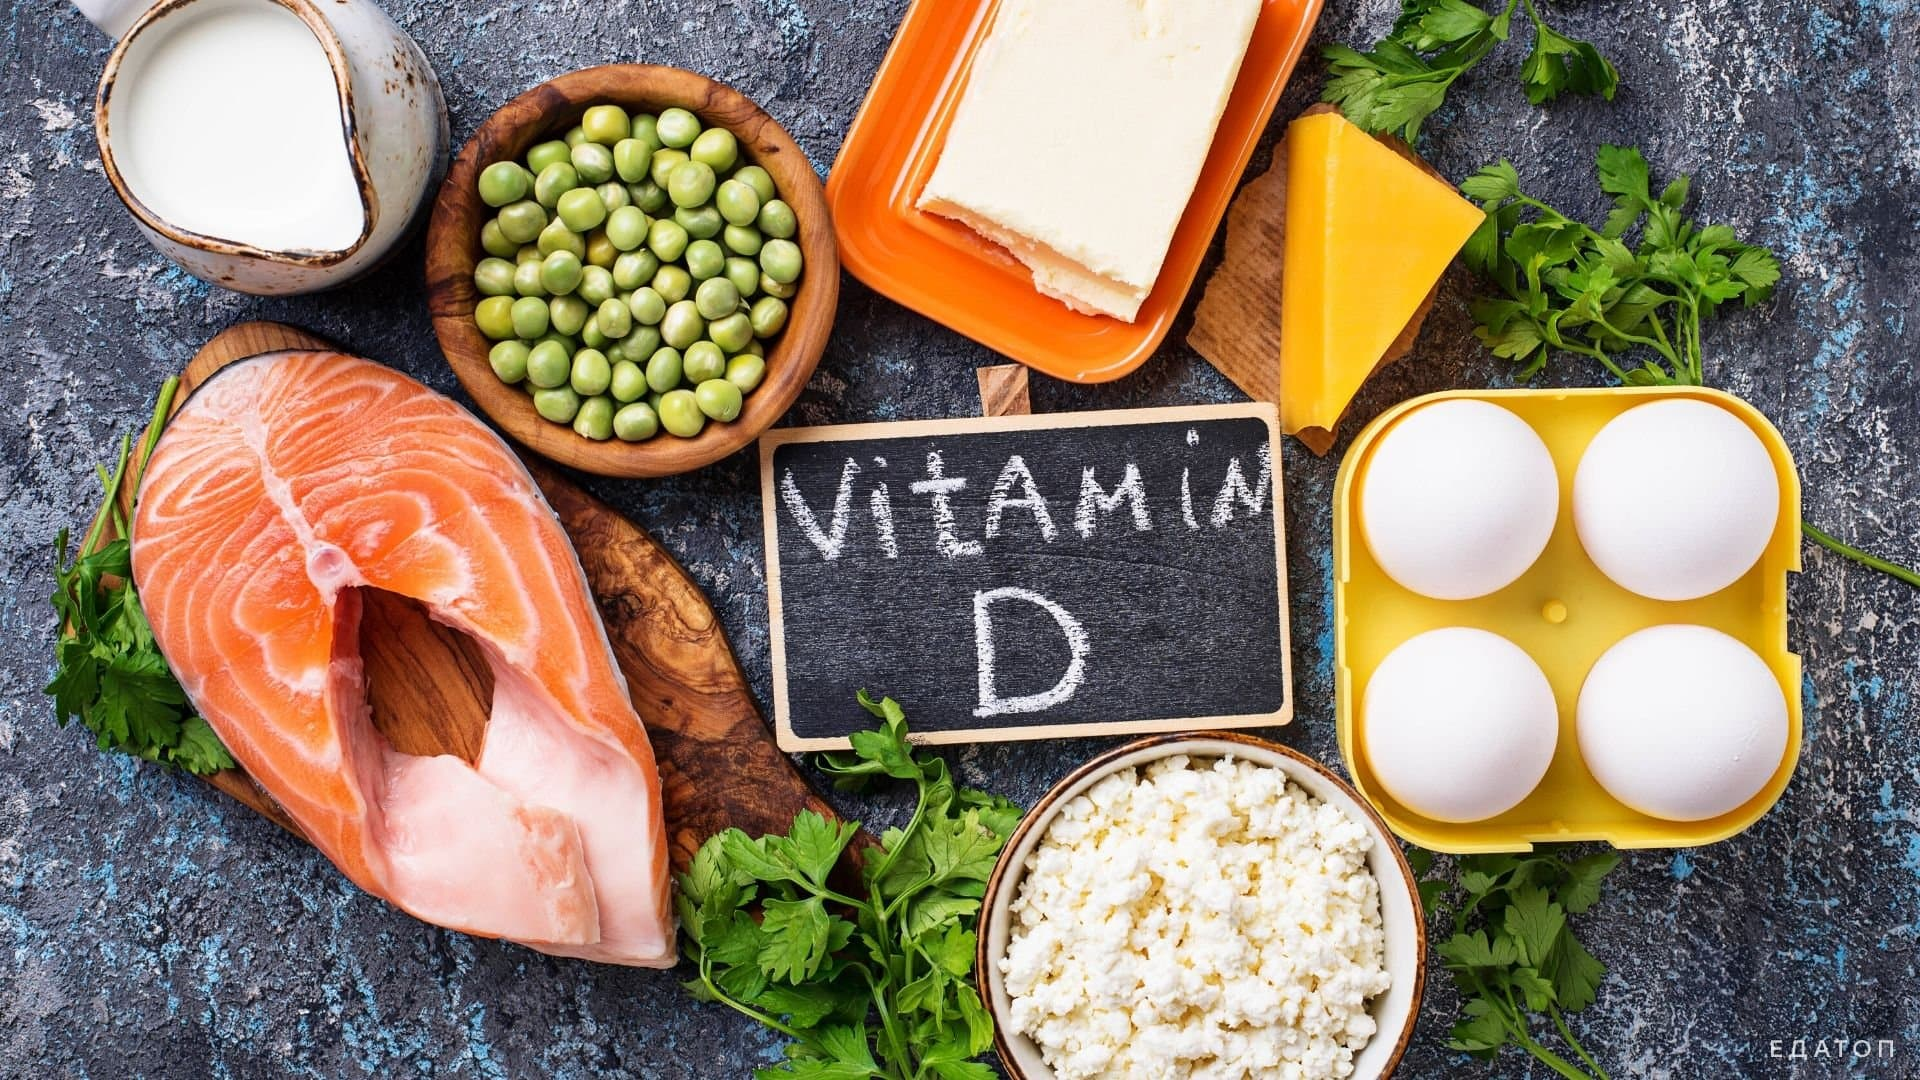 Витамин Д важен для нормальной жизнедеятельности организма.